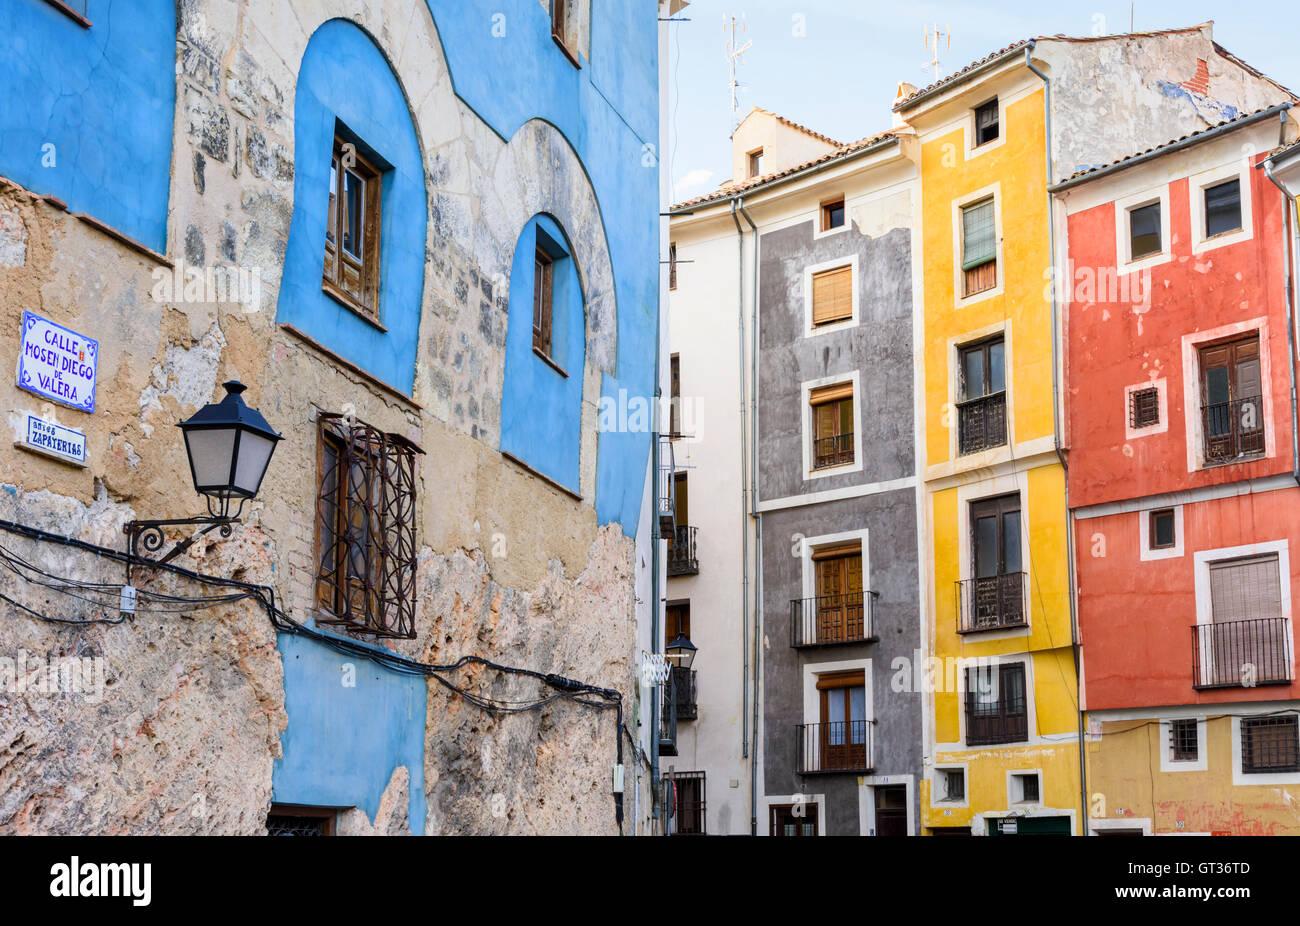 Maisons colorées de la Calle Mosen Diego de Valera et Alfonso VIII street, Cuenca, Castilla La Mancha, Espagne Photo Stock